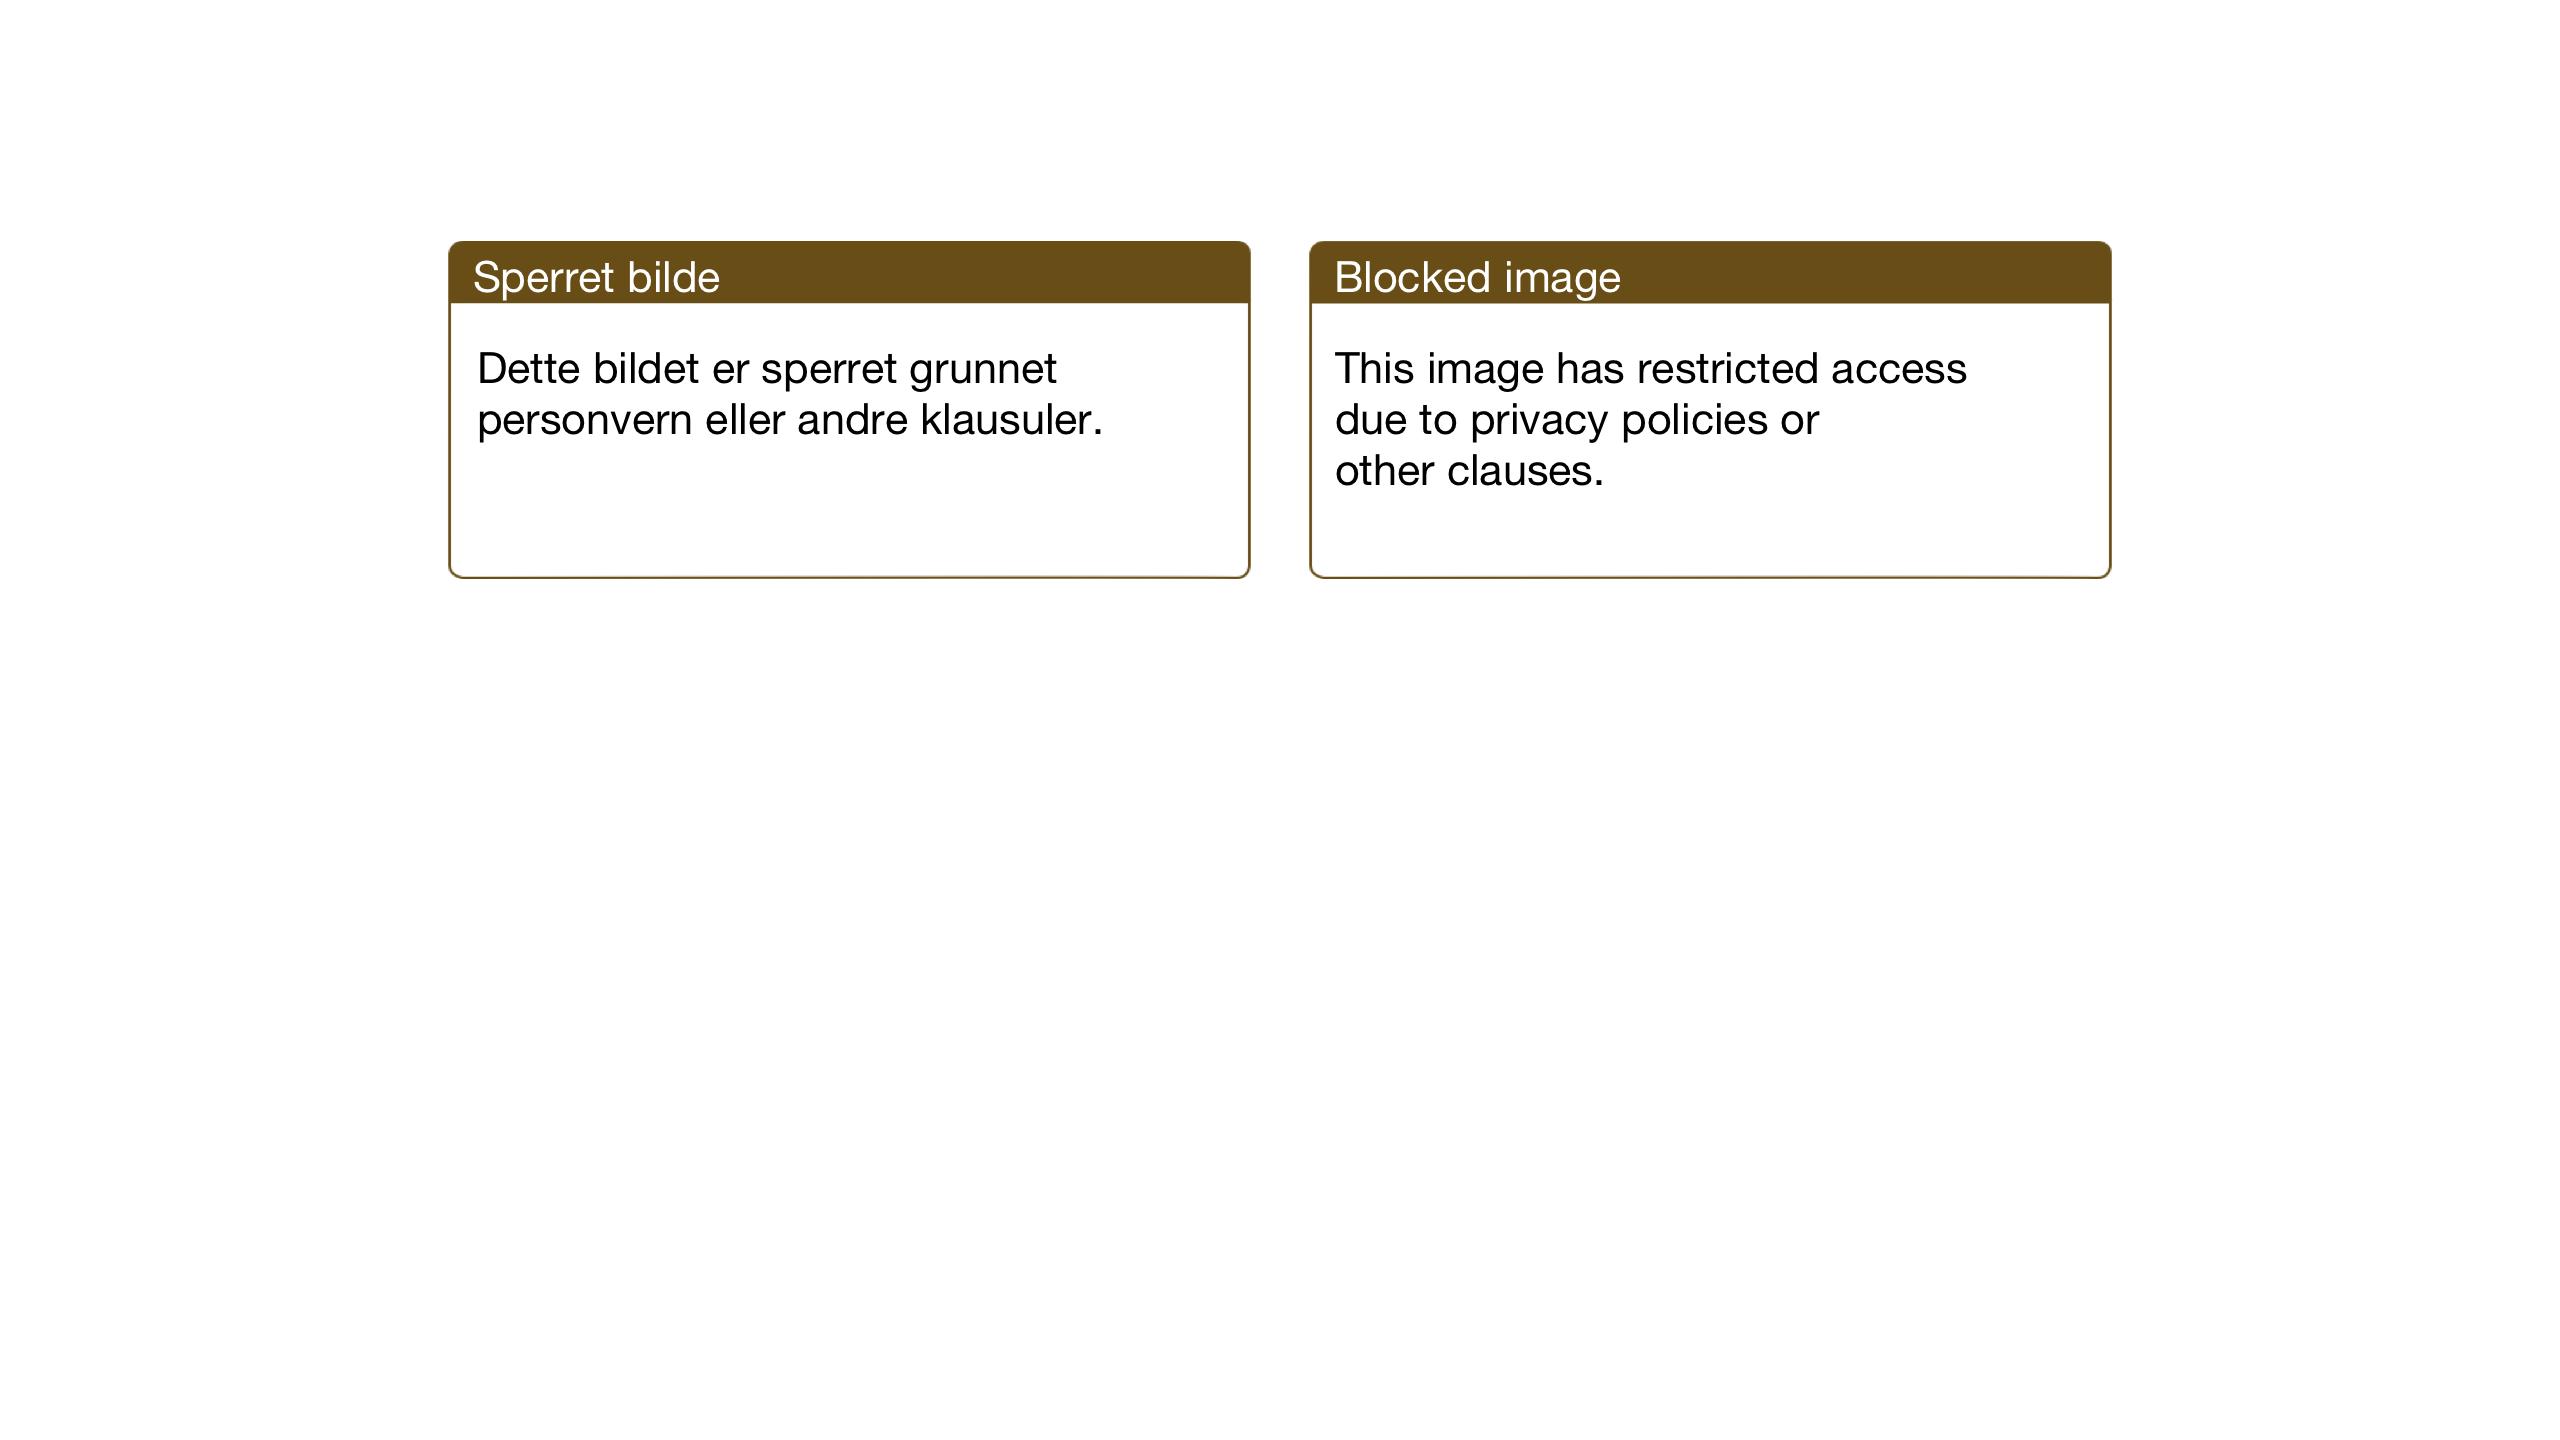 SAT, Ministerialprotokoller, klokkerbøker og fødselsregistre - Sør-Trøndelag, 667/L0799: Klokkerbok nr. 667C04, 1929-1950, s. 21